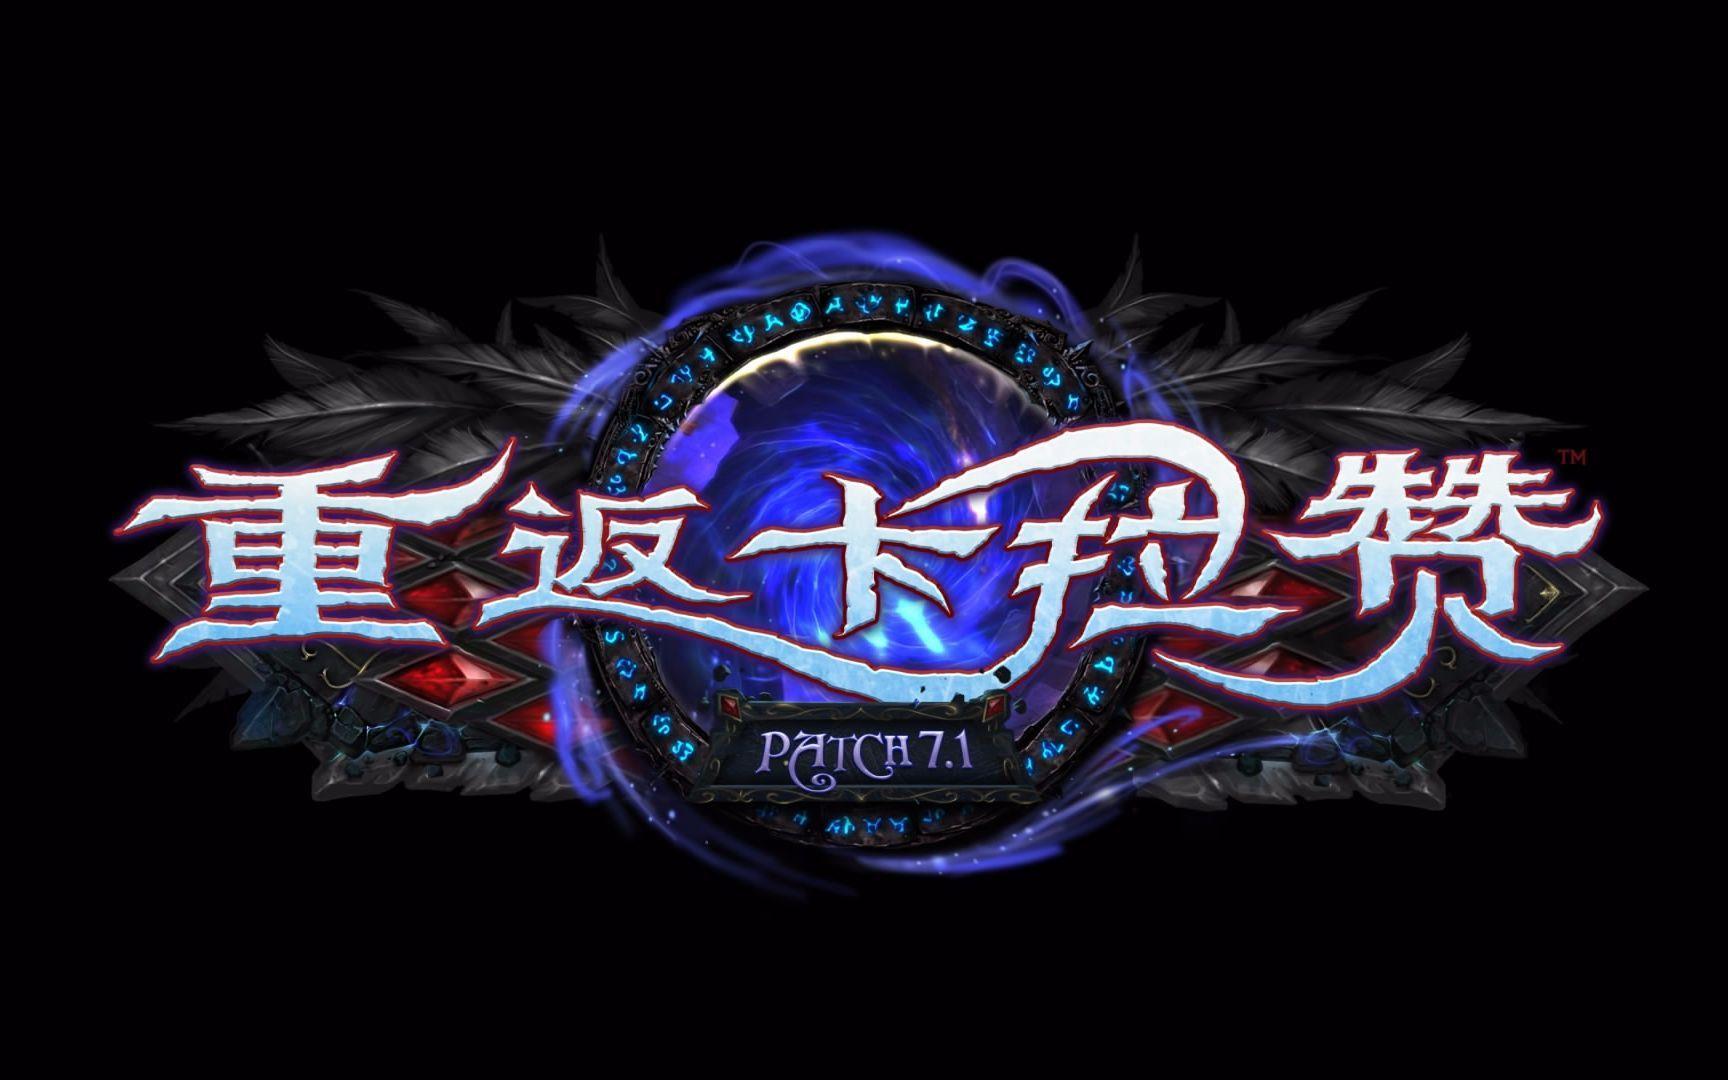 《魔兽世界》7.1重返卡拉赞上线